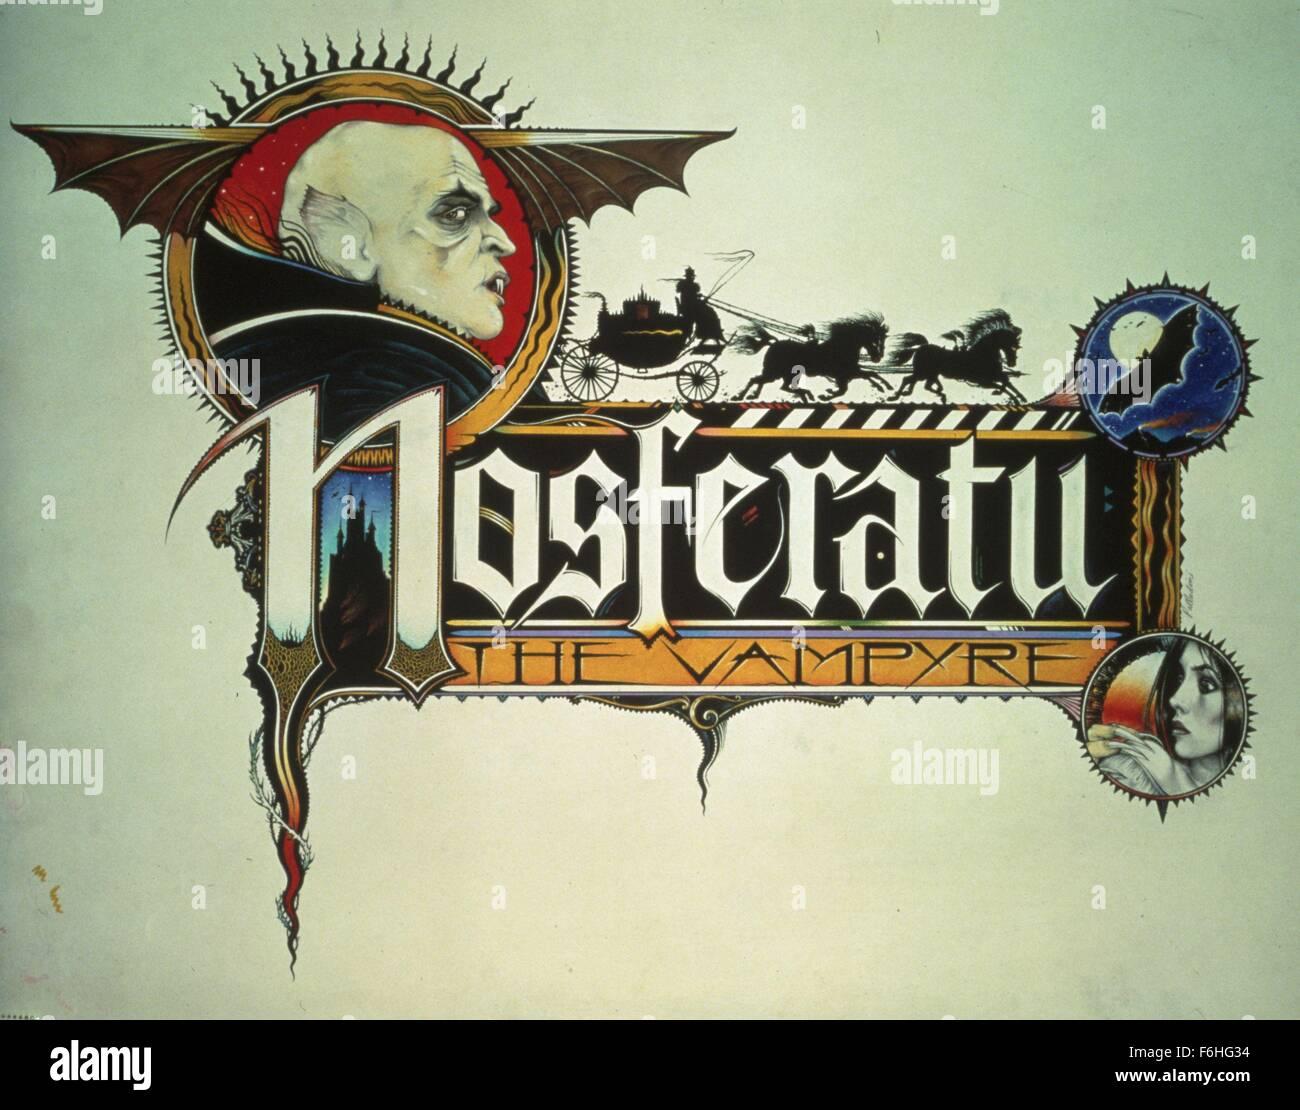 1979, el título de la película: Nosferatu, el VAMPYRE, Director: Werner Herzog, Estudio: Fox, Foto: personaje, Drácula y otros vampiros, Drácula: vampiro, grotesco maquillaje, Werner Herzog. (Crédito de la imagen: SNAP). Foto de stock